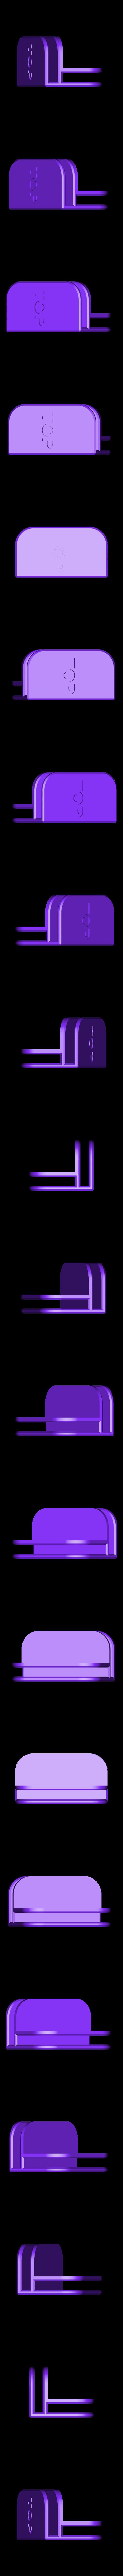 edge_top-right.stl Télécharger fichier STL gratuit Boîtier en plastique ondulé pour imprimantes 3D (pièces jointes) • Modèle pour imprimante 3D, CyberCyclist